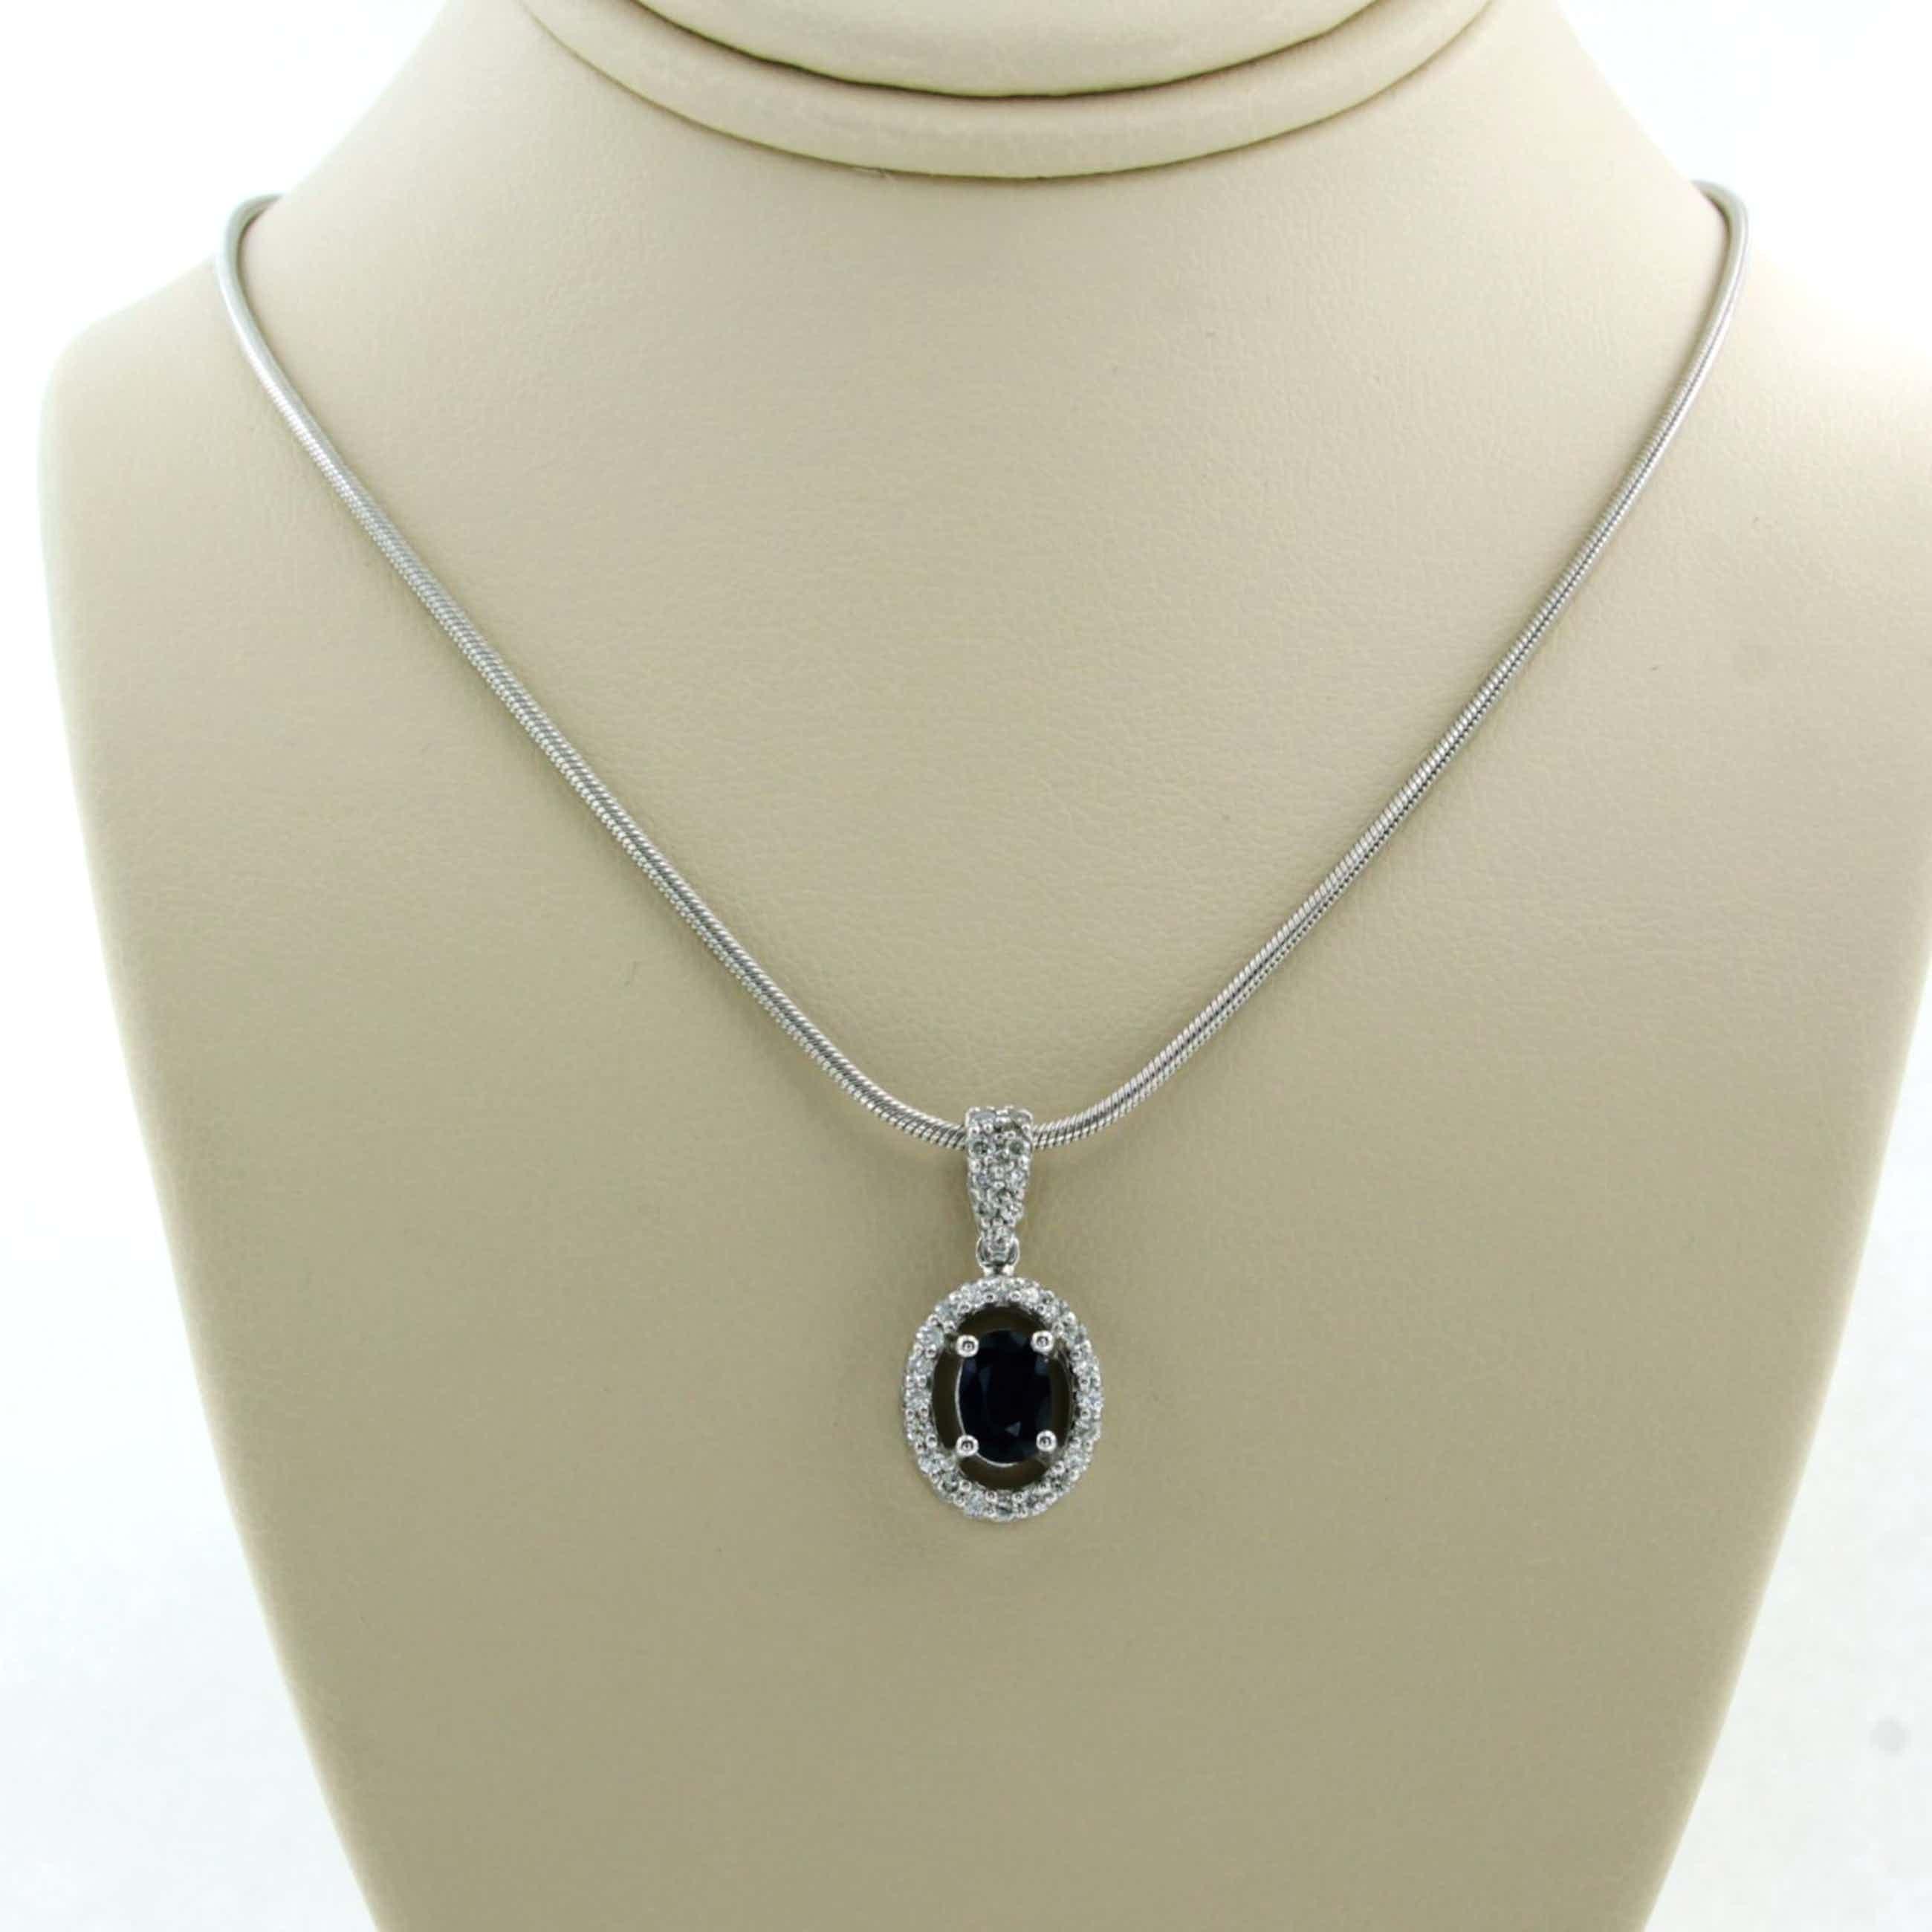 14K Goud - witgouden collier met hanger bezet met diamanten en saffier kopen? Bied vanaf 440!